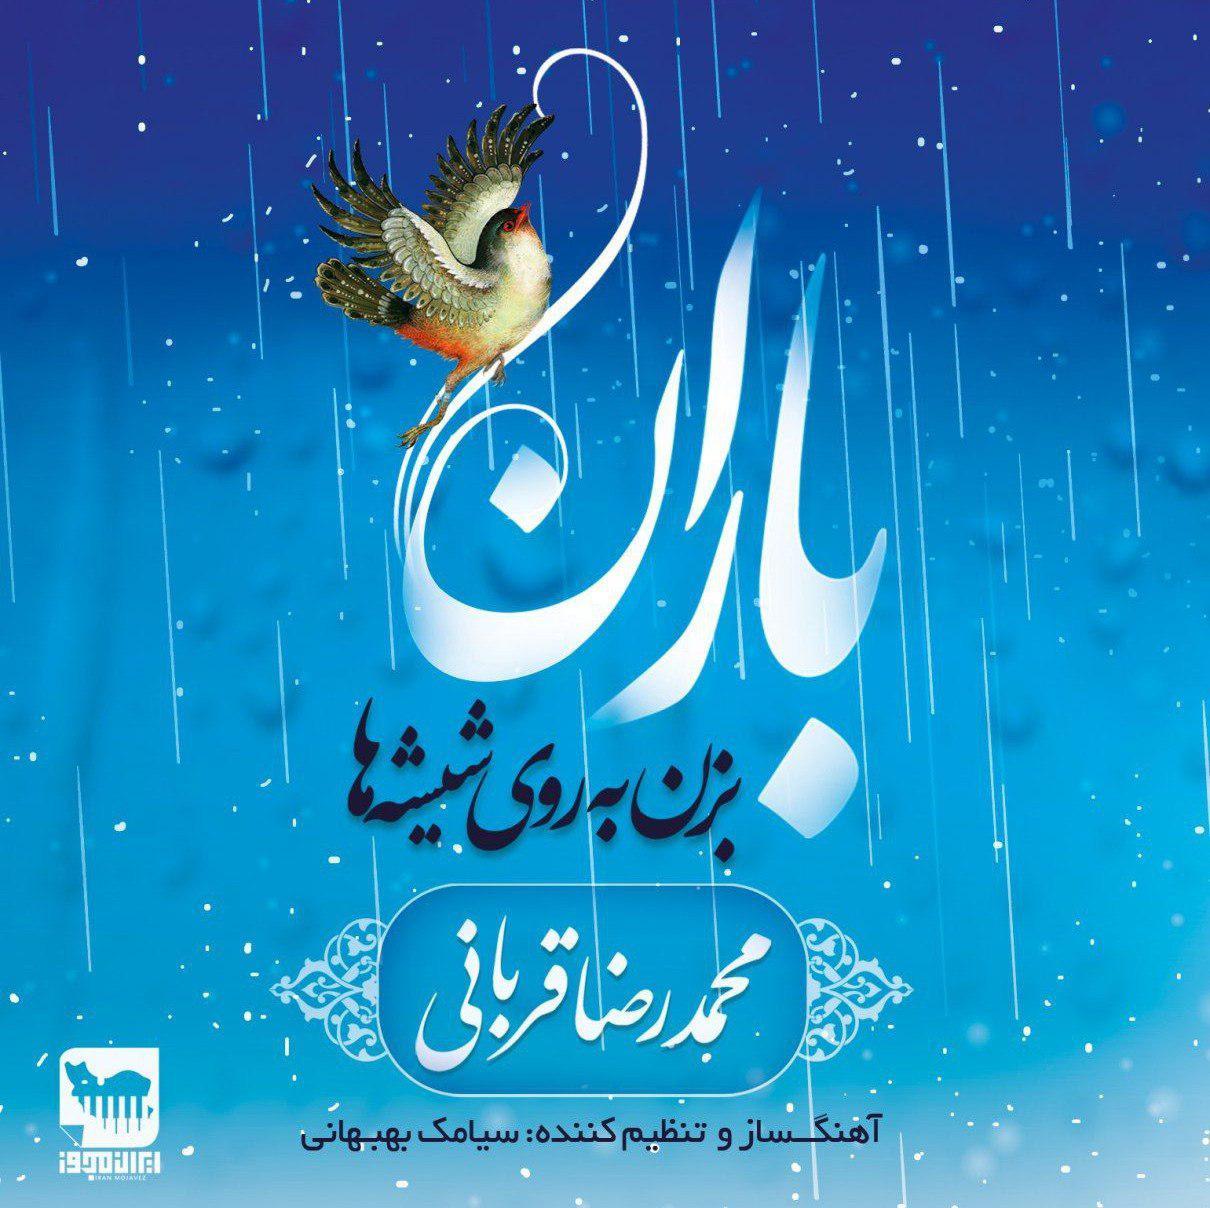 محمدرضا قربانی به نام تب دیدار